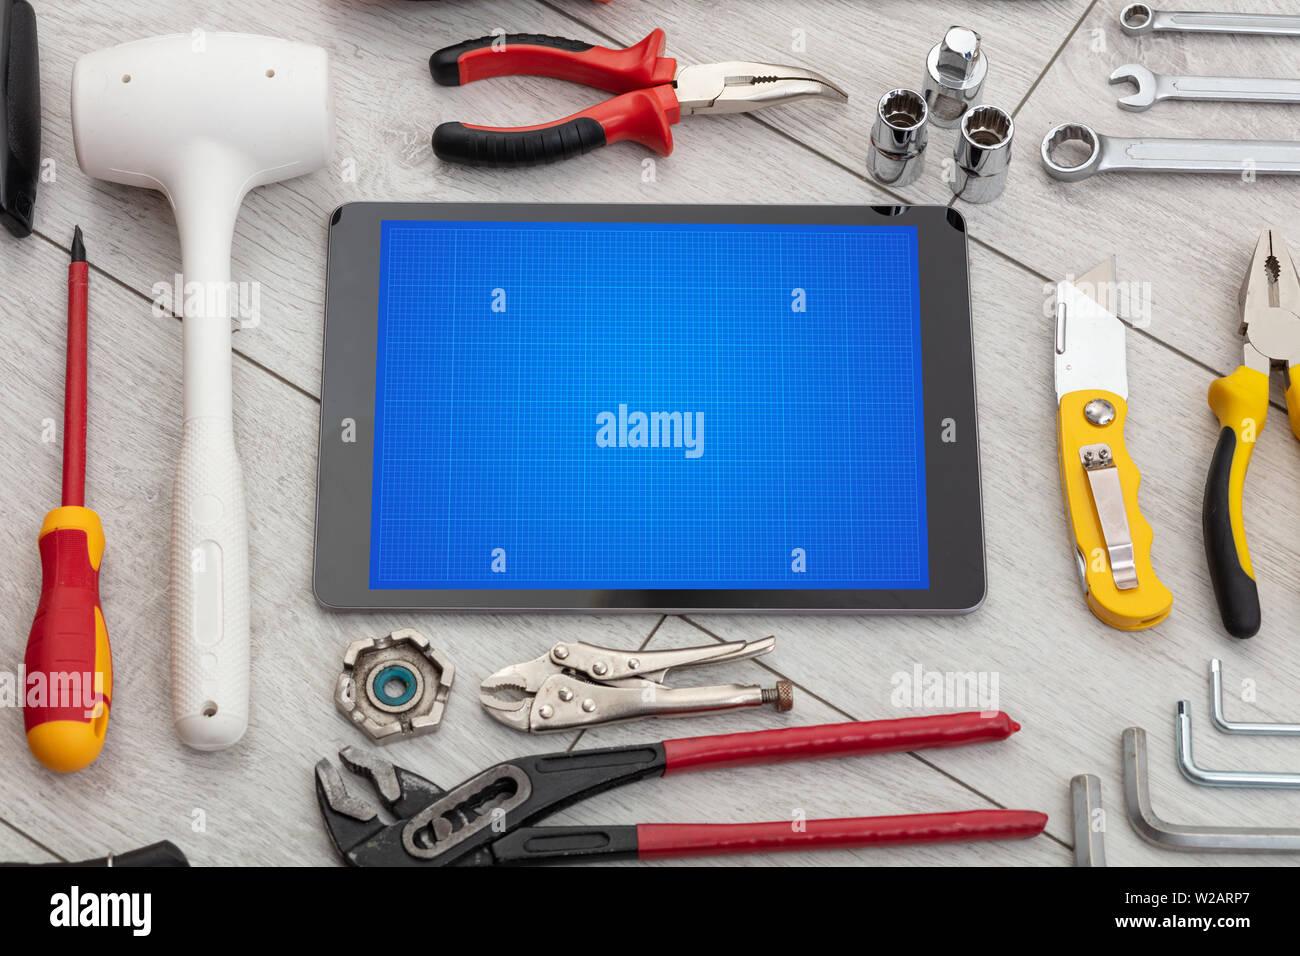 Las herramientas de la casa y tablet con pantalla de cuadrícula concepto Foto de stock